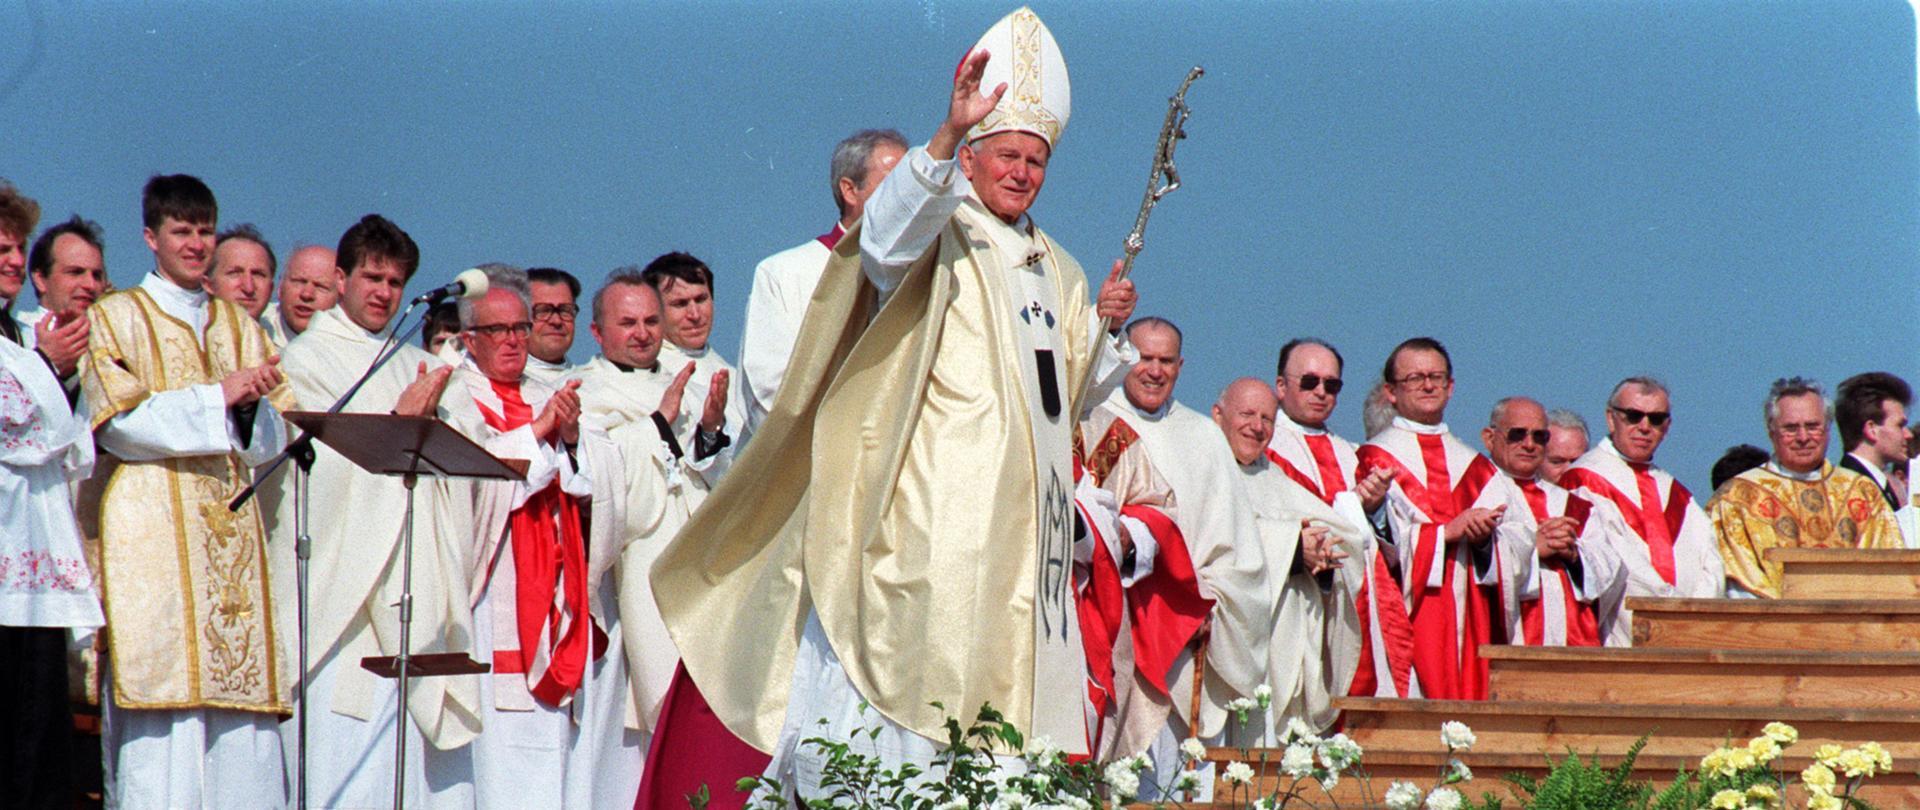 fot. Wojciech Stan/PAP. Wizyta Jana Pawła II w Polsce - Lubaczów 1991 r.